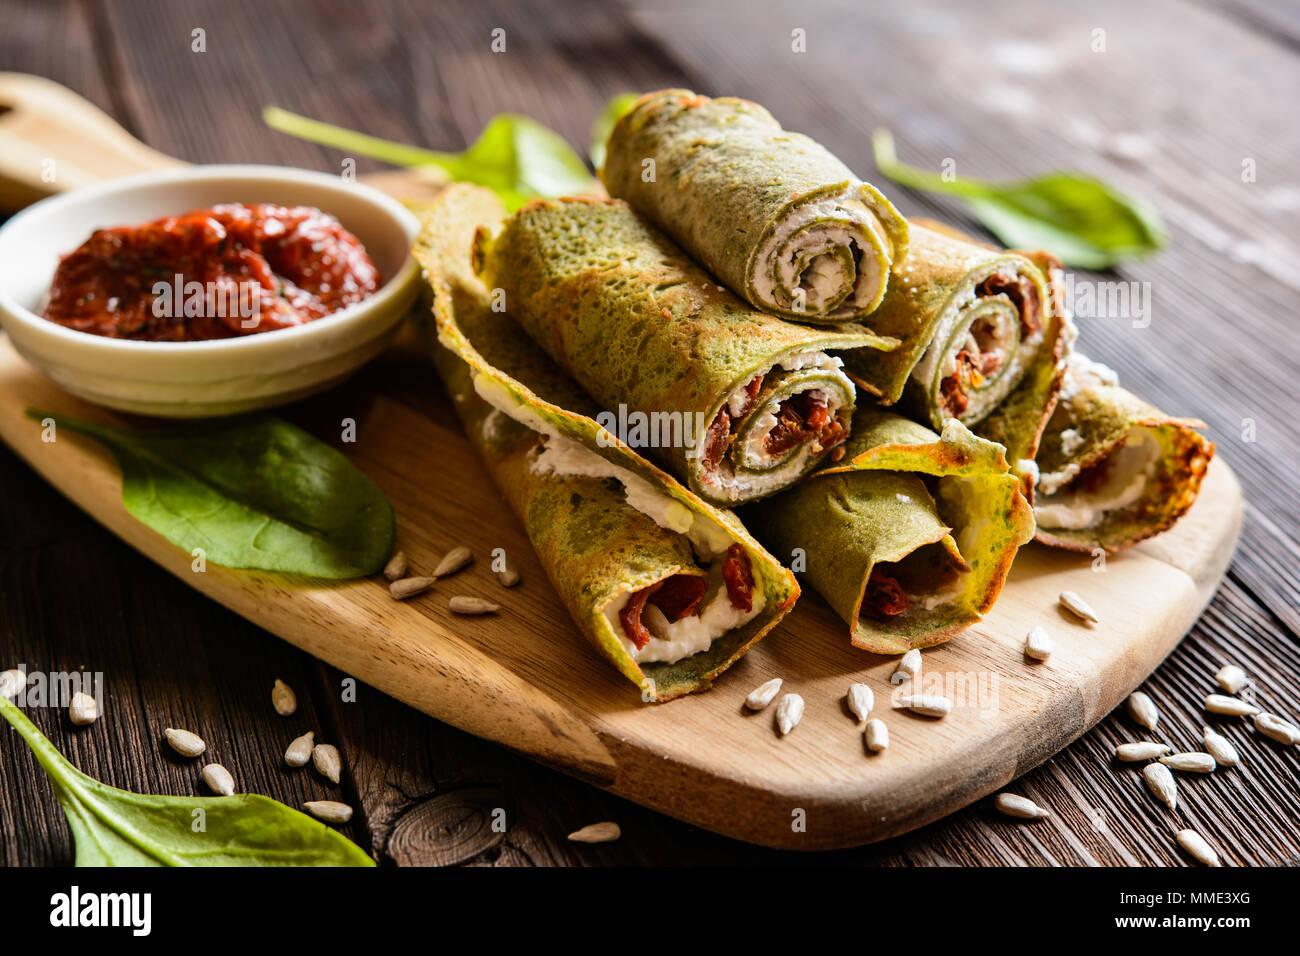 Salé crêpes farcies aux épinards, fromage feta, tomates séchées et graines de tournesol Photo Stock